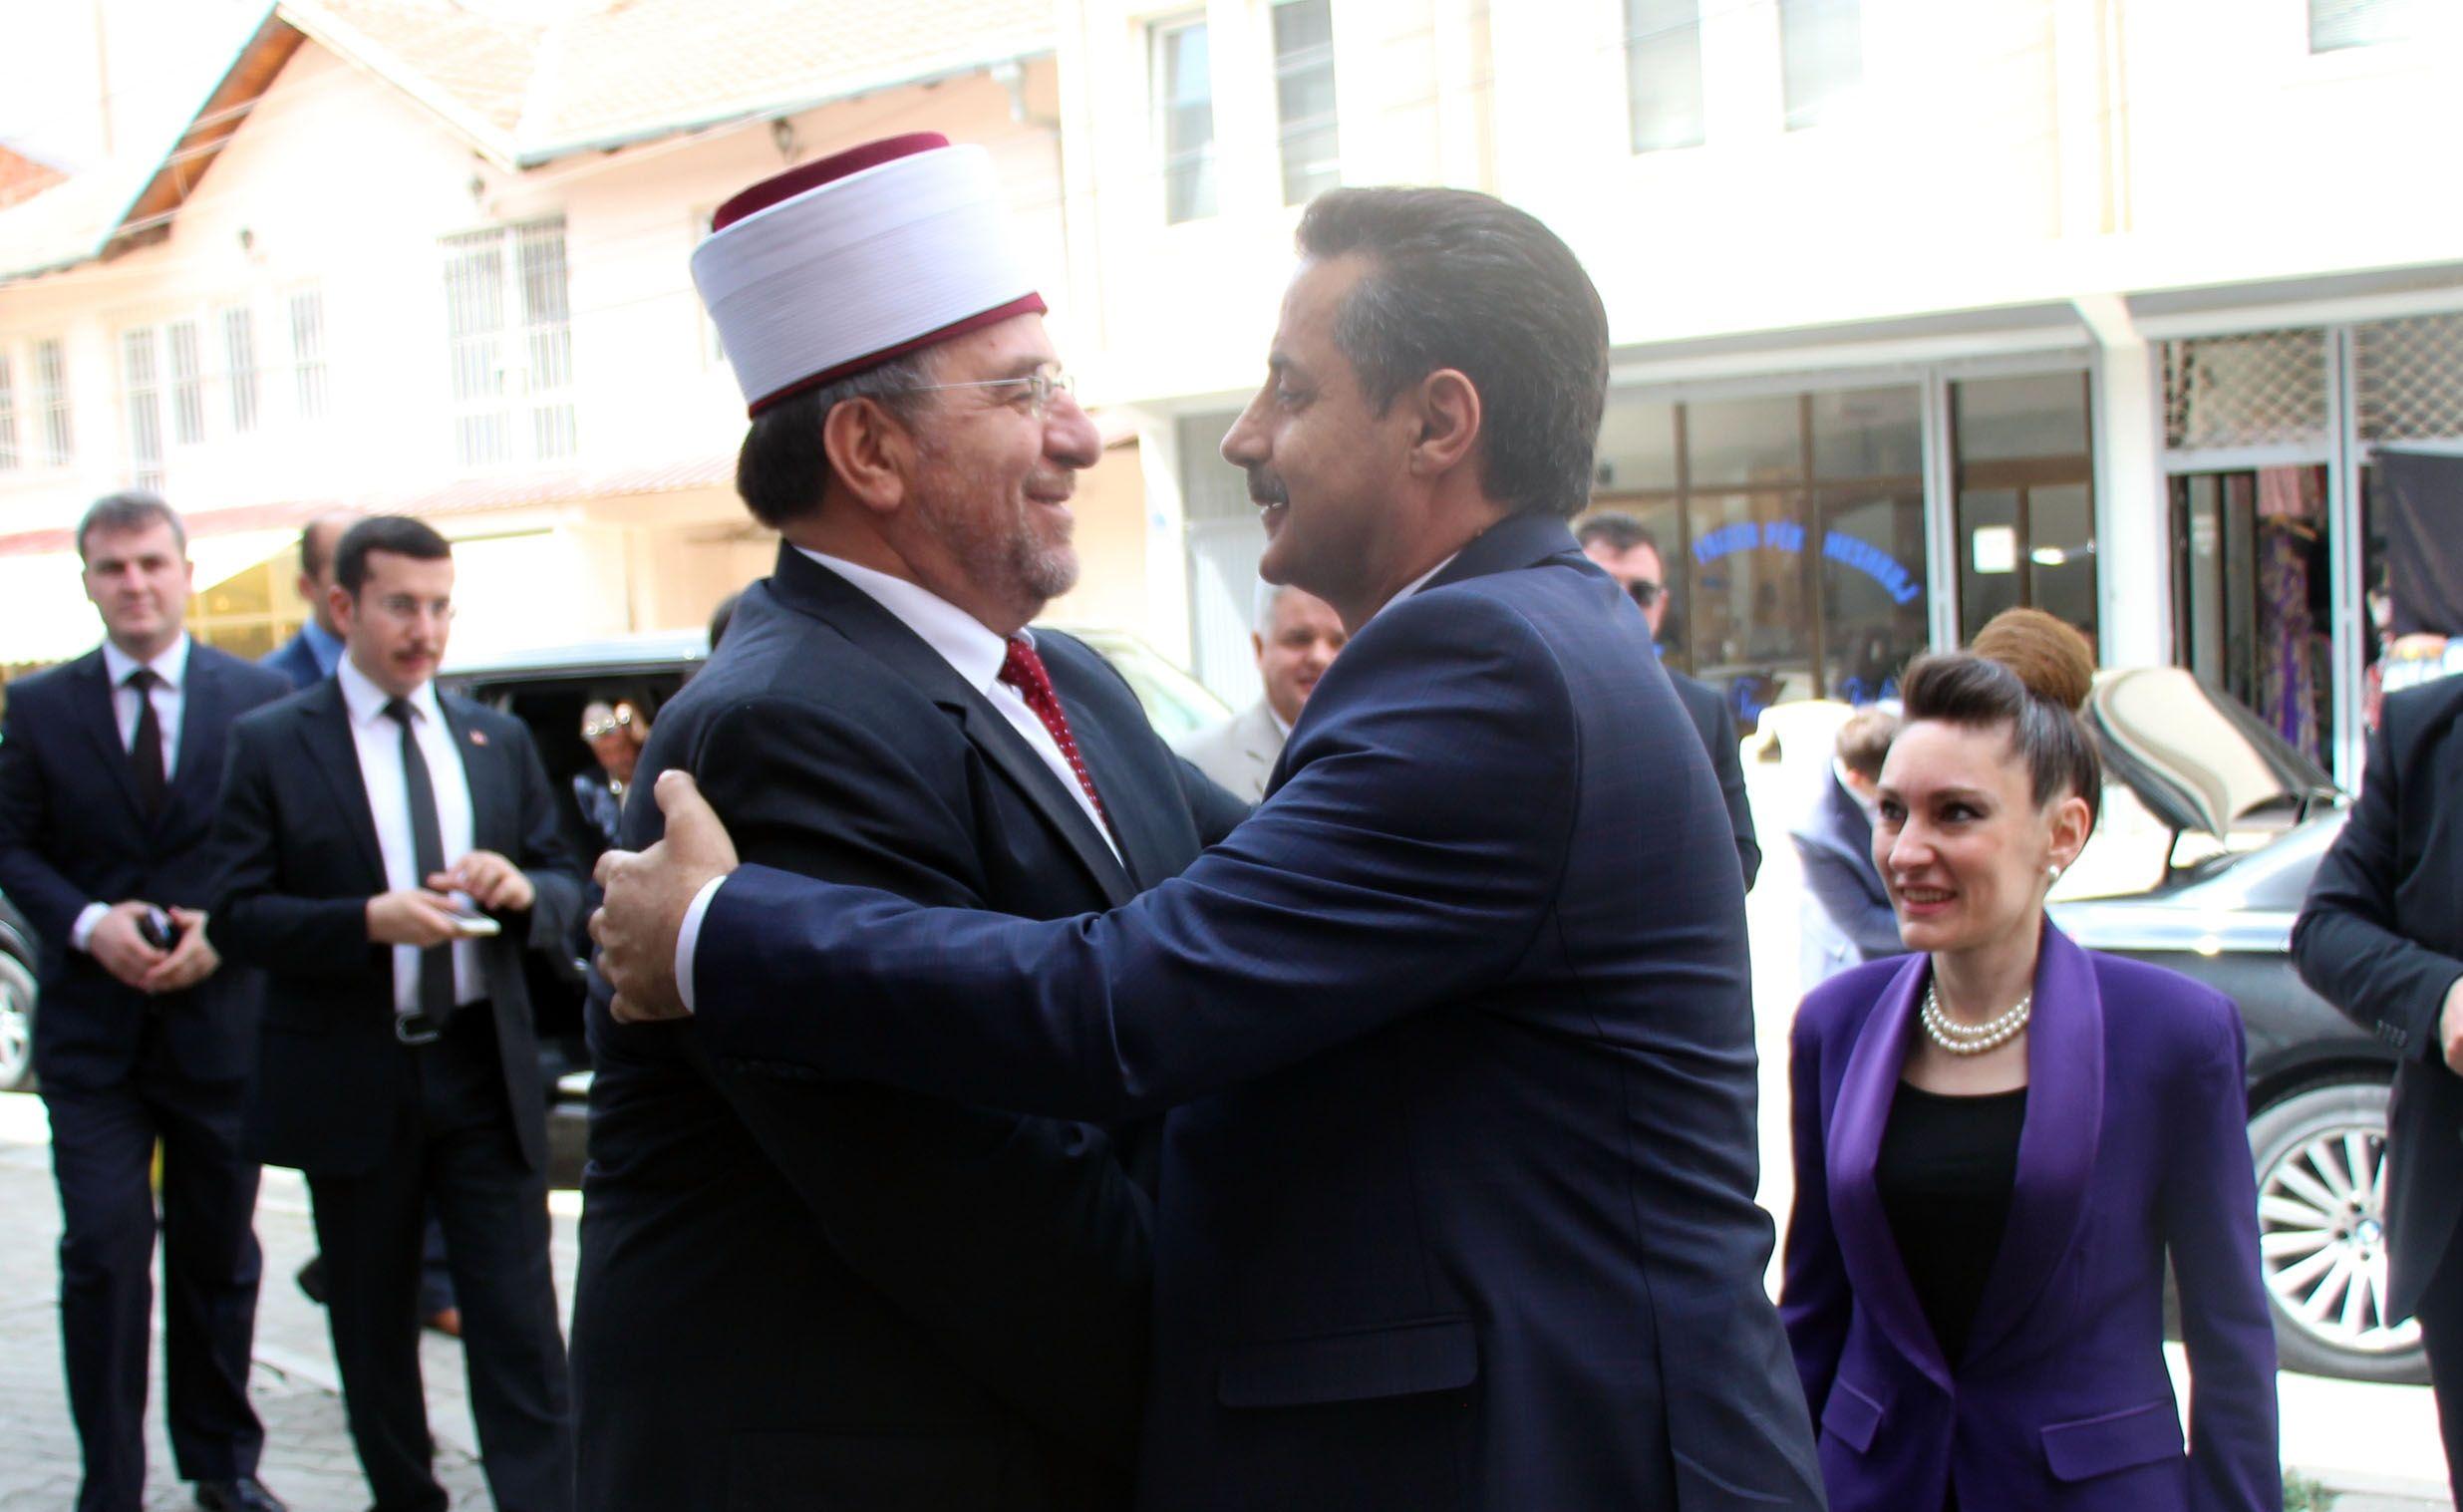 Prizren Müftülüğü ile Şanlıurfa Haliliye Belediyemizin ortaklaşa düzenlediği iftar programı için Kosova'dayız. Kosova Başmüftüsü Naim Tırnava'yı makamında ziyaret ettik. [25.06.2016]